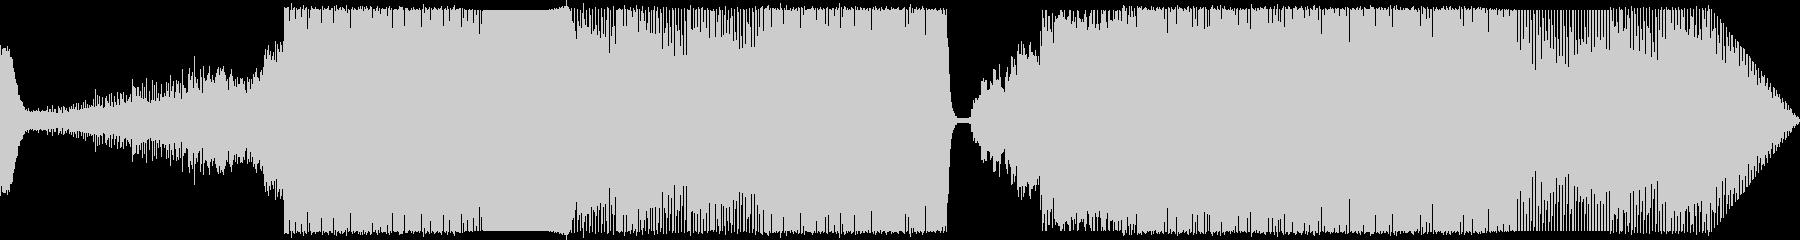 ミッドテンポのエレクトロビートの未再生の波形